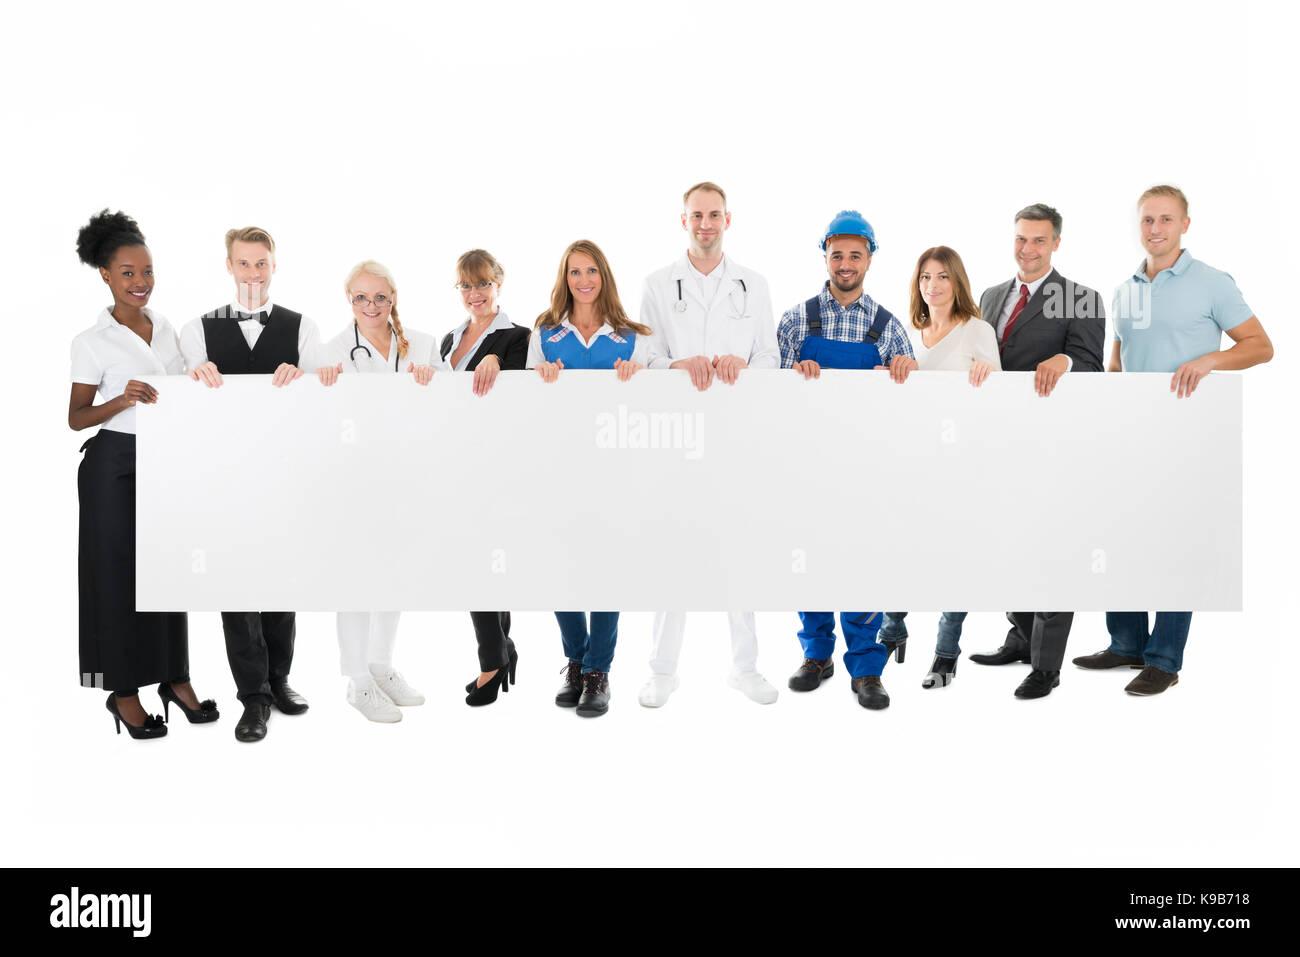 Retrato de grupo de personas con diversas ocupaciones la celebración de Billboard en blanco contra el fondo Imagen De Stock